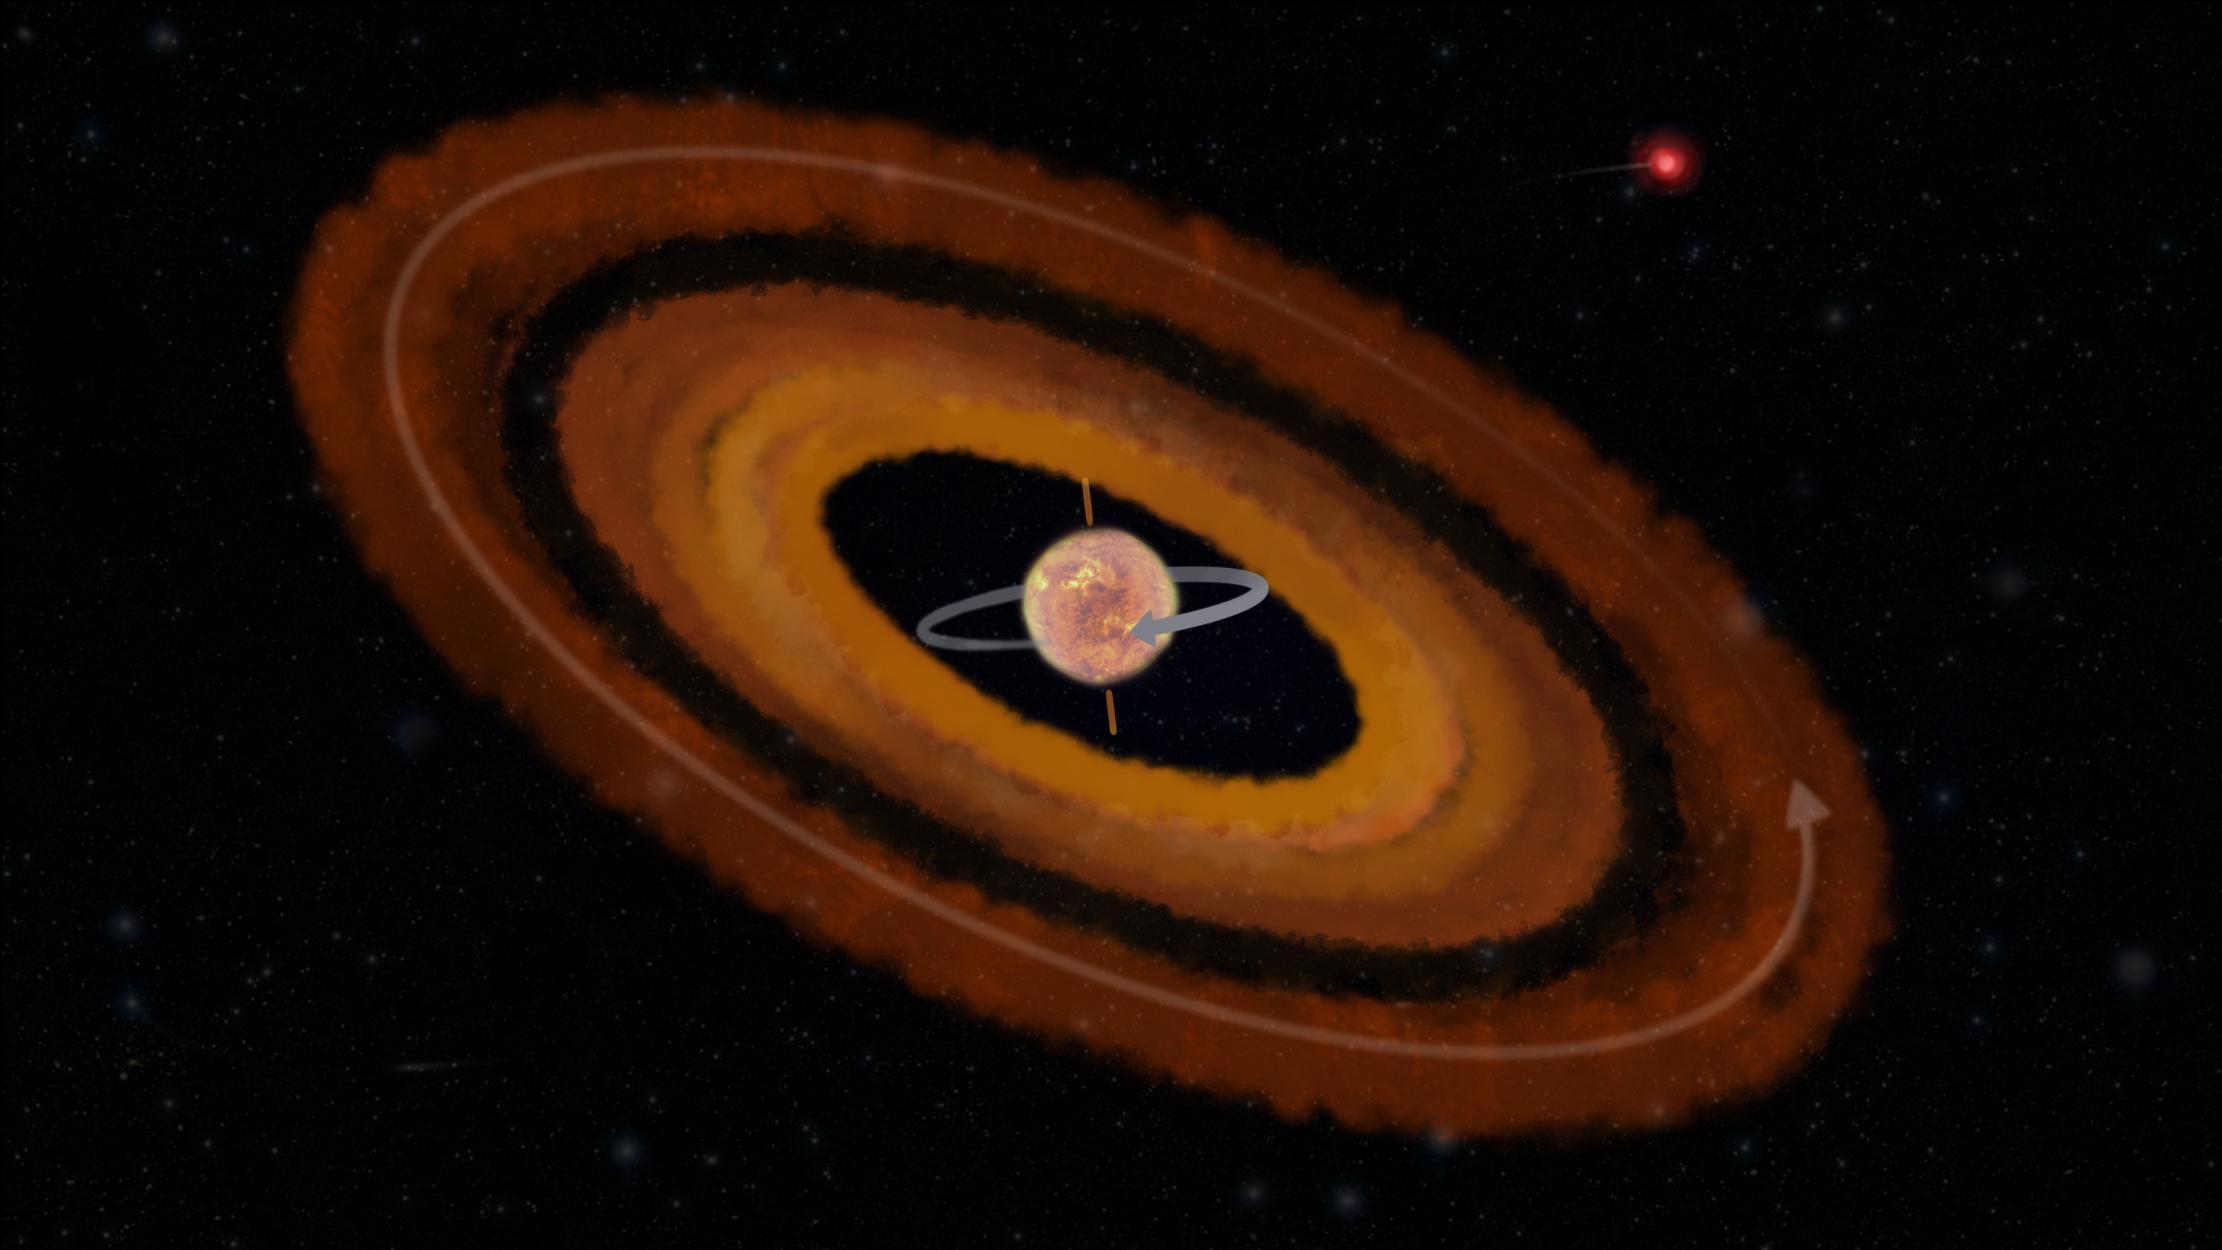 原始惑星系円盤がひっくり返った証拠を発見 図2